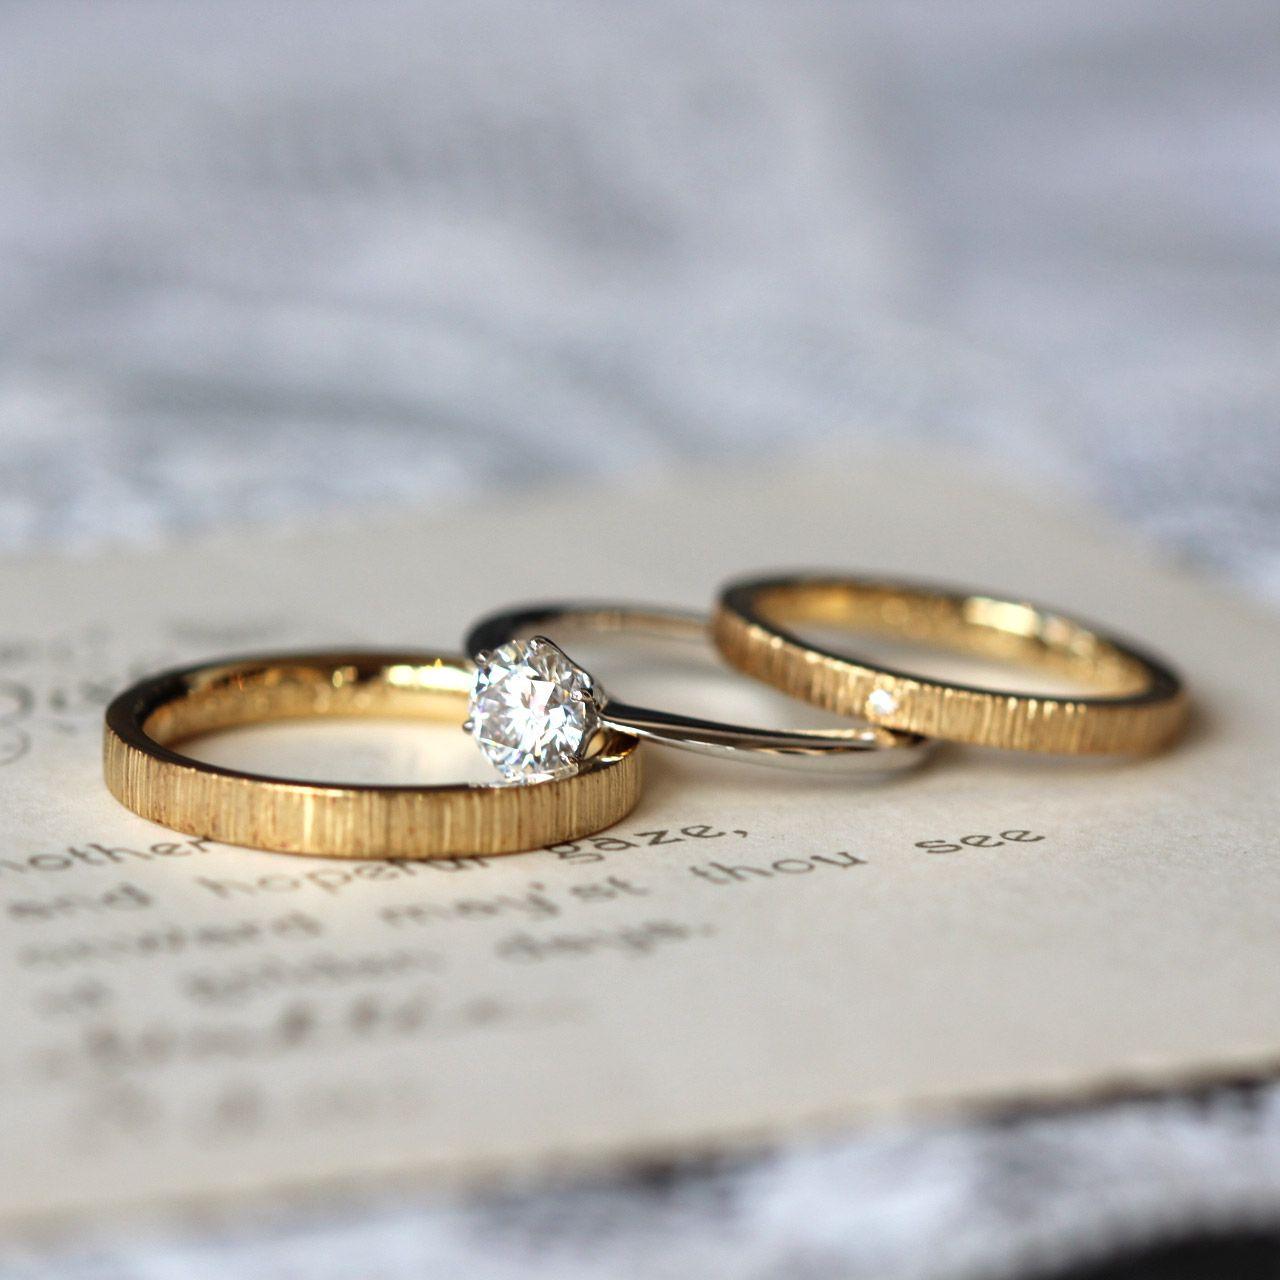 結婚指輪のブランドはたくさんあって迷ってしまうものです。どうせなら人と被らずに思わず自慢したくなっちゃう結婚指輪を選びたいですよね。今おしゃれ花嫁さんの間で